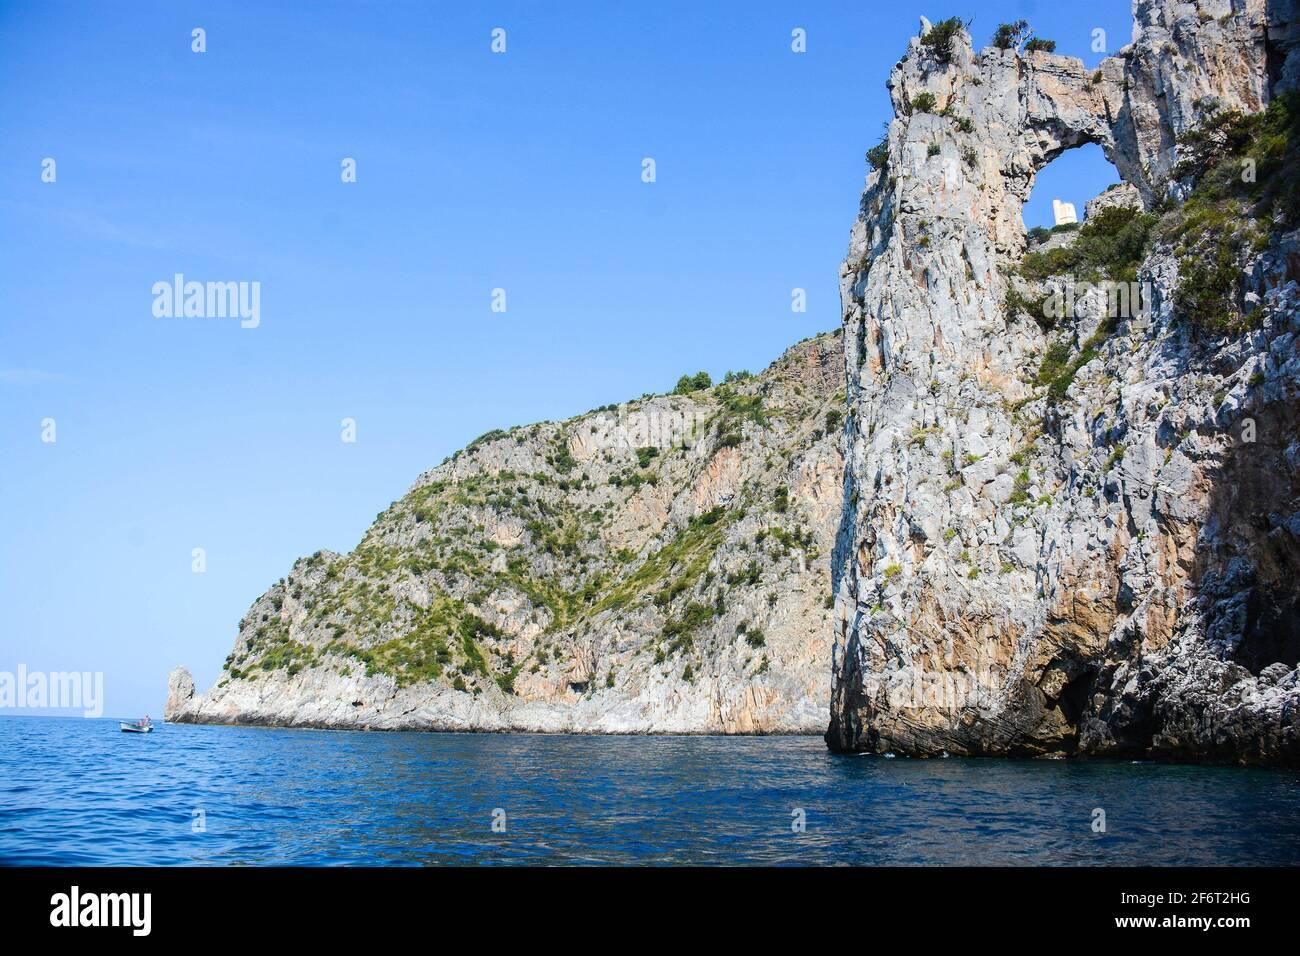 Vue sur la tour de Saracen restaurée à travers le cercle naturel de la falaise à Palinuro en Italie, visible seulement de la mer et de Capo Spartivento. Banque D'Images